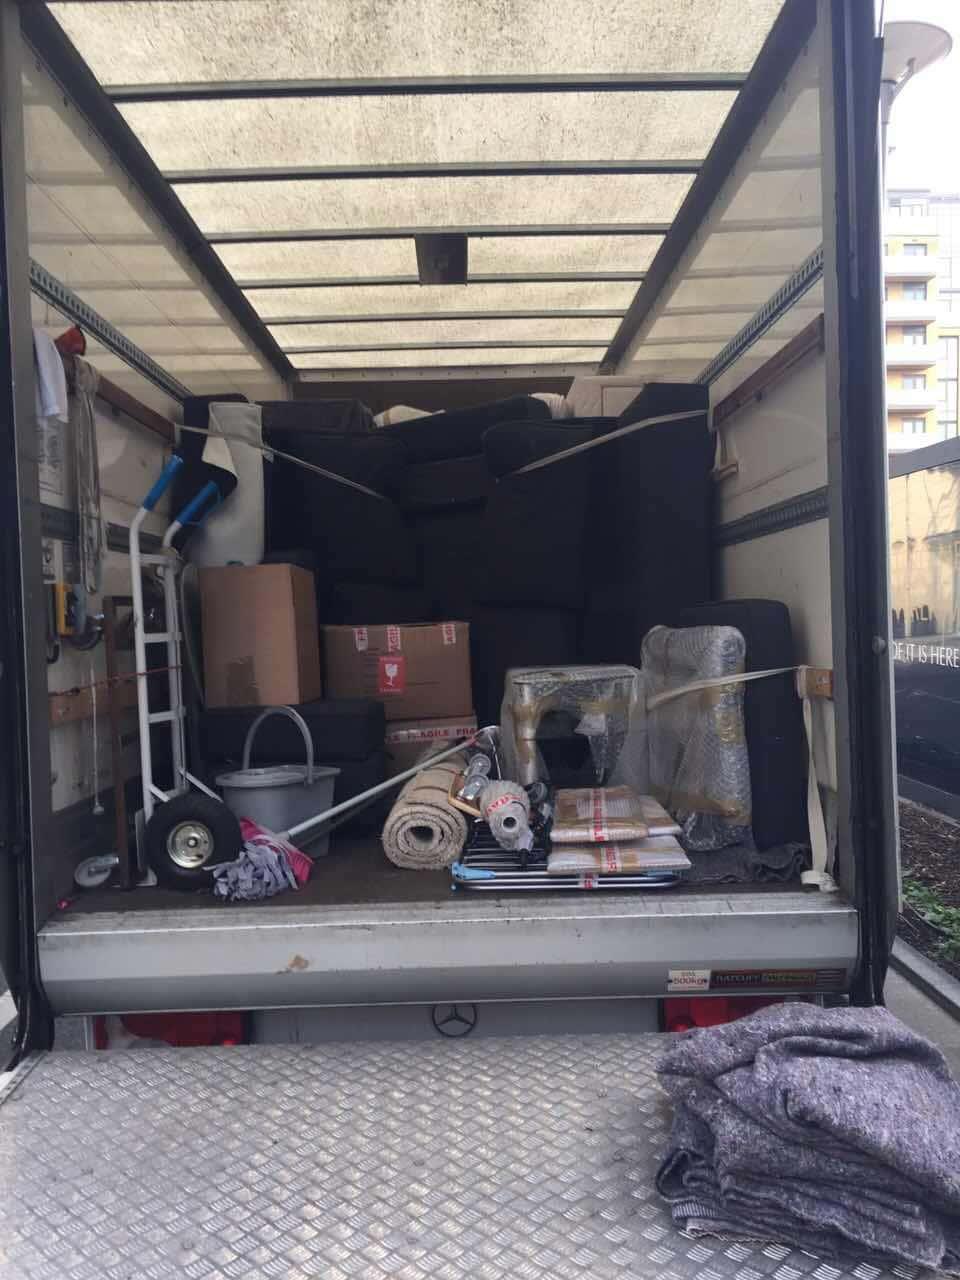 DA8 moving truck